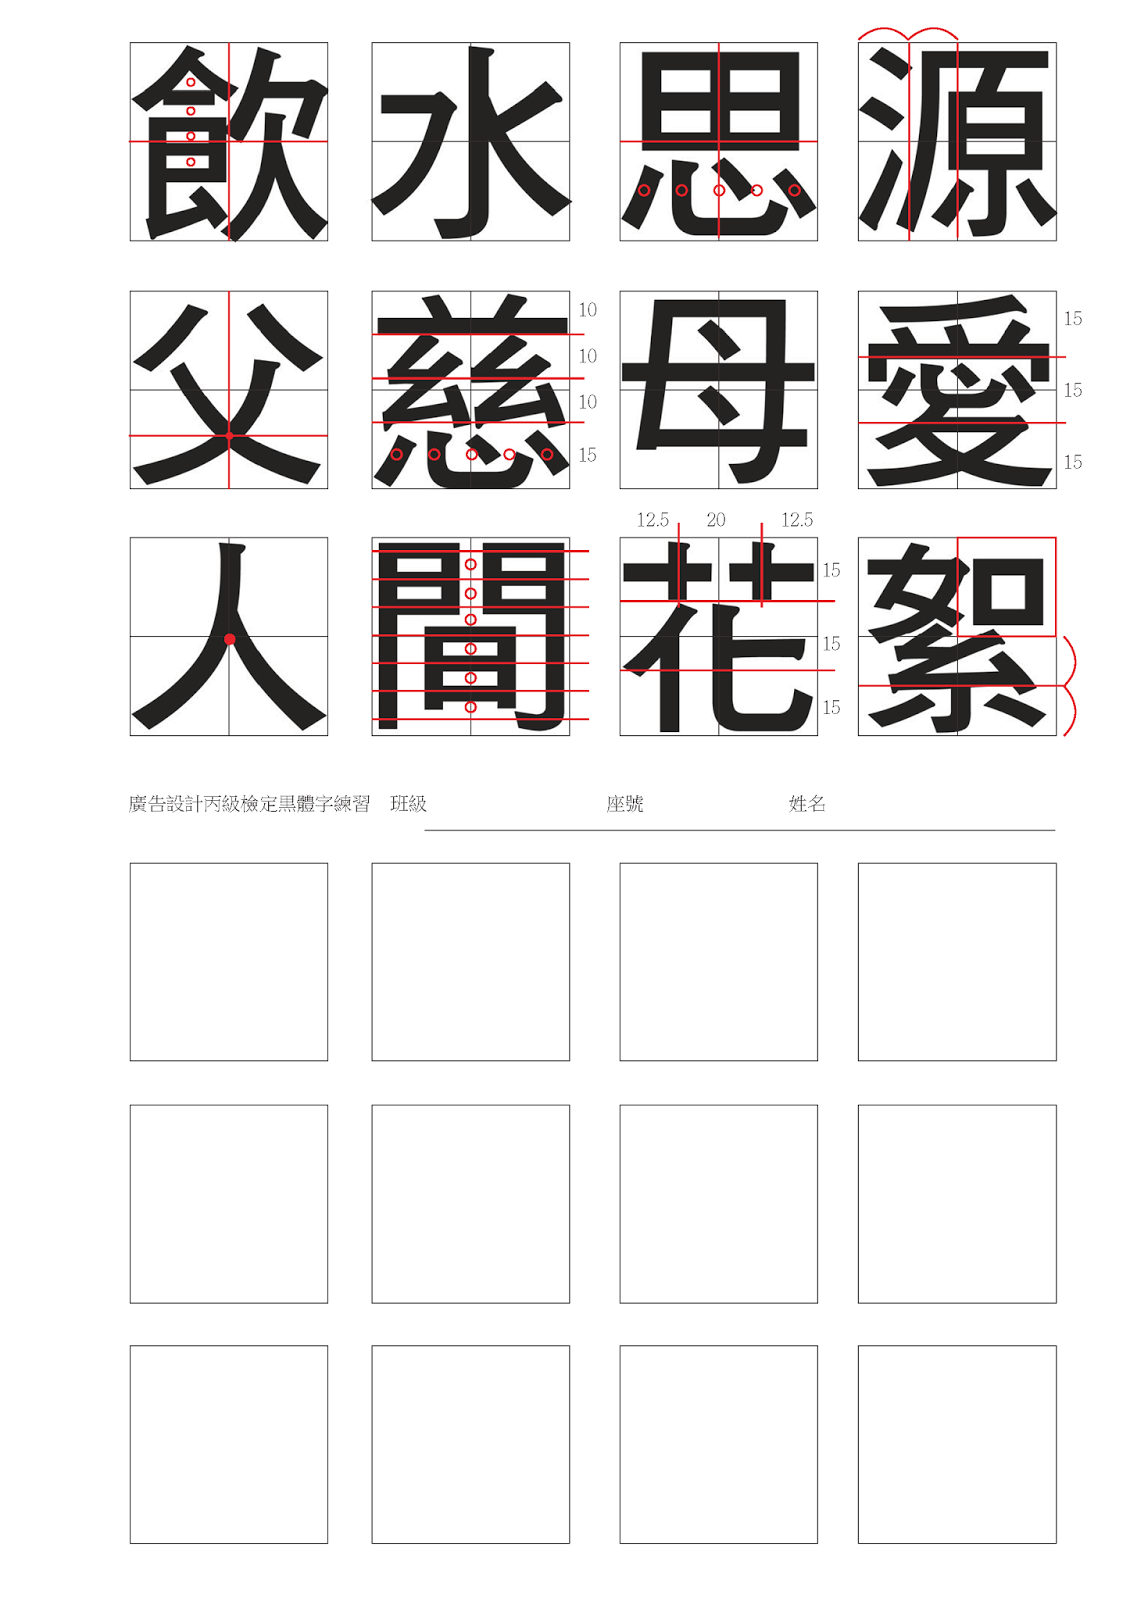 馬克教學網: 中文宋體字、黑體字架構秘笈